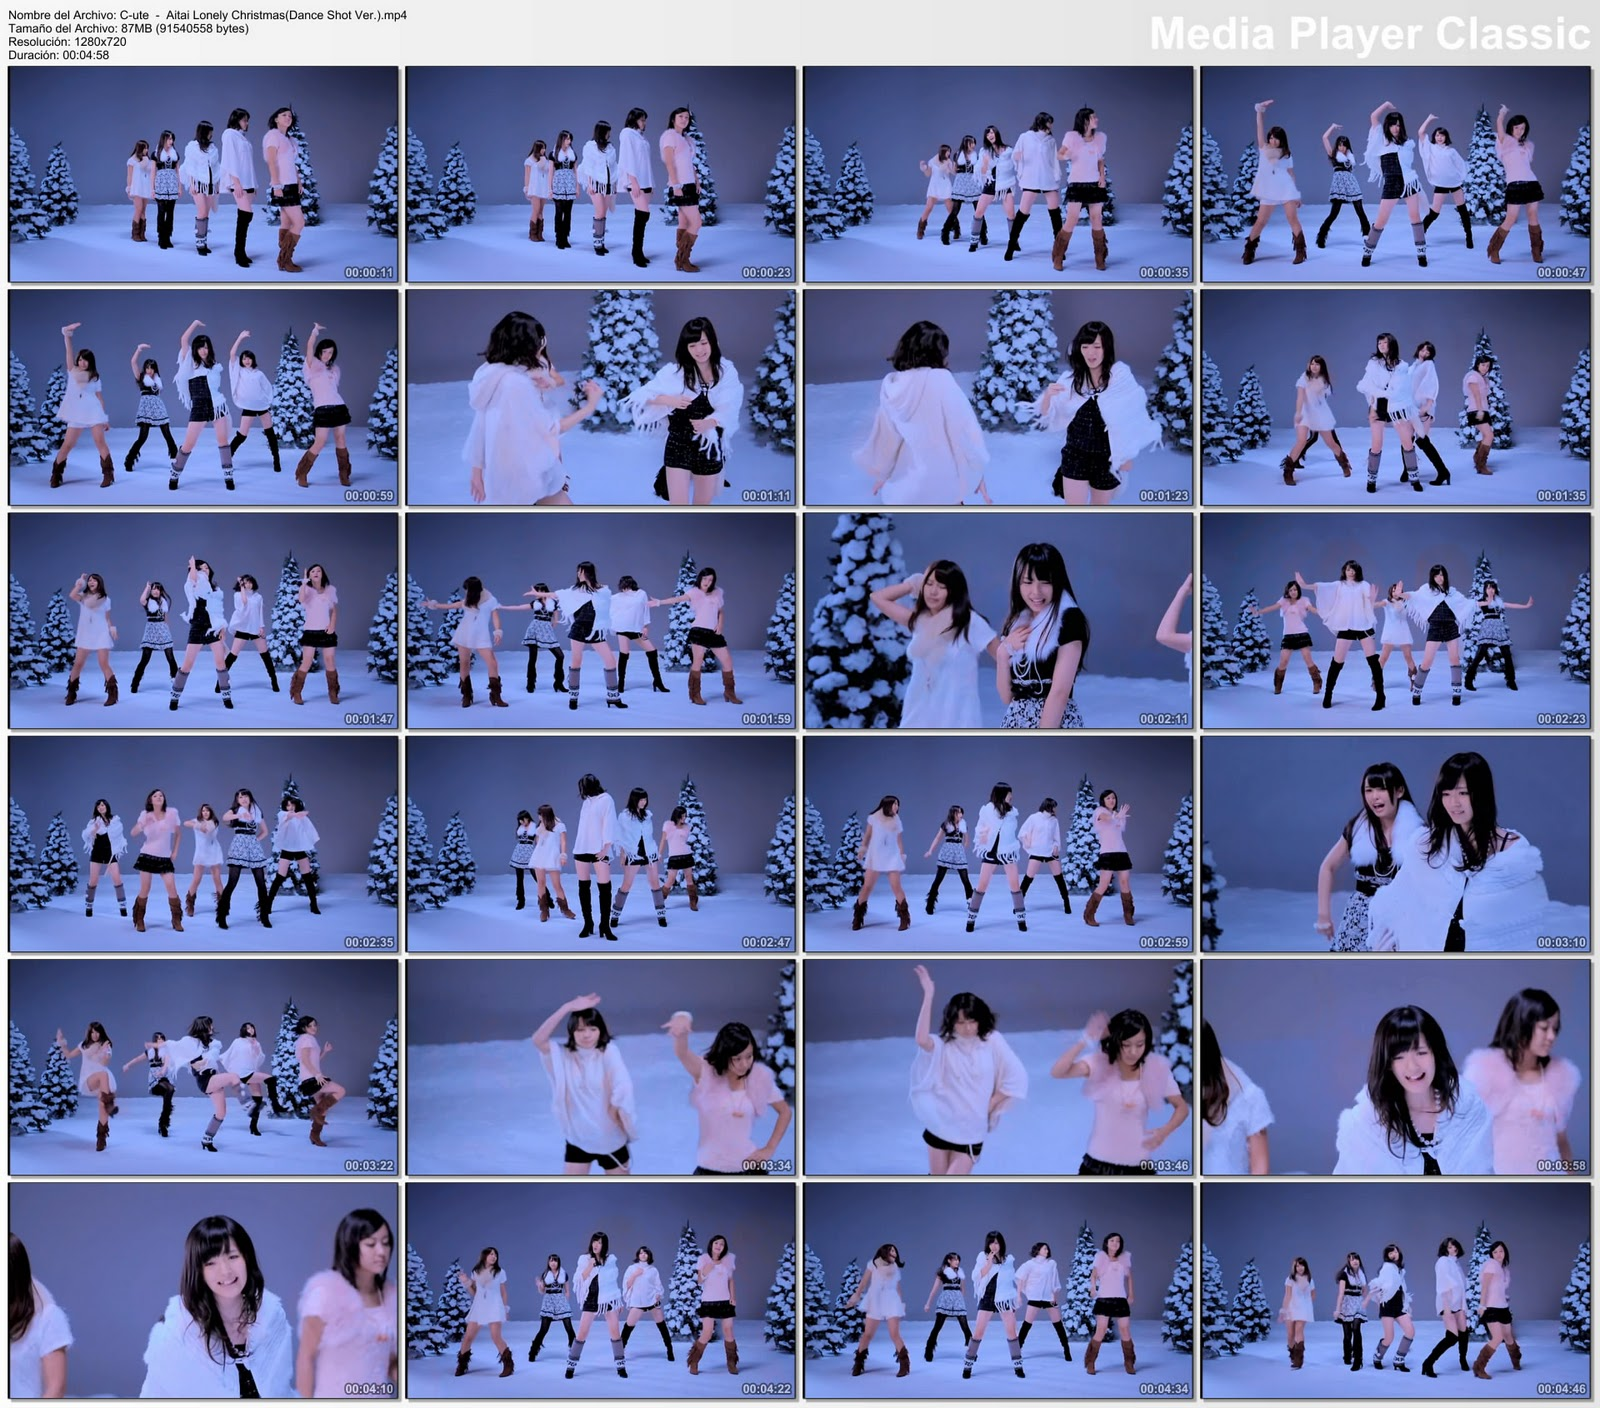 الأغنية الدافئة..Aitai Lonely Christmas فيديوهات + نقاش + صور C-ute++-++Aitai+Lonely+Christmas%2528Dance+Shot+Ver.%2529.mp4_thumbs_%255B2010.12.17_21.58.38%255D